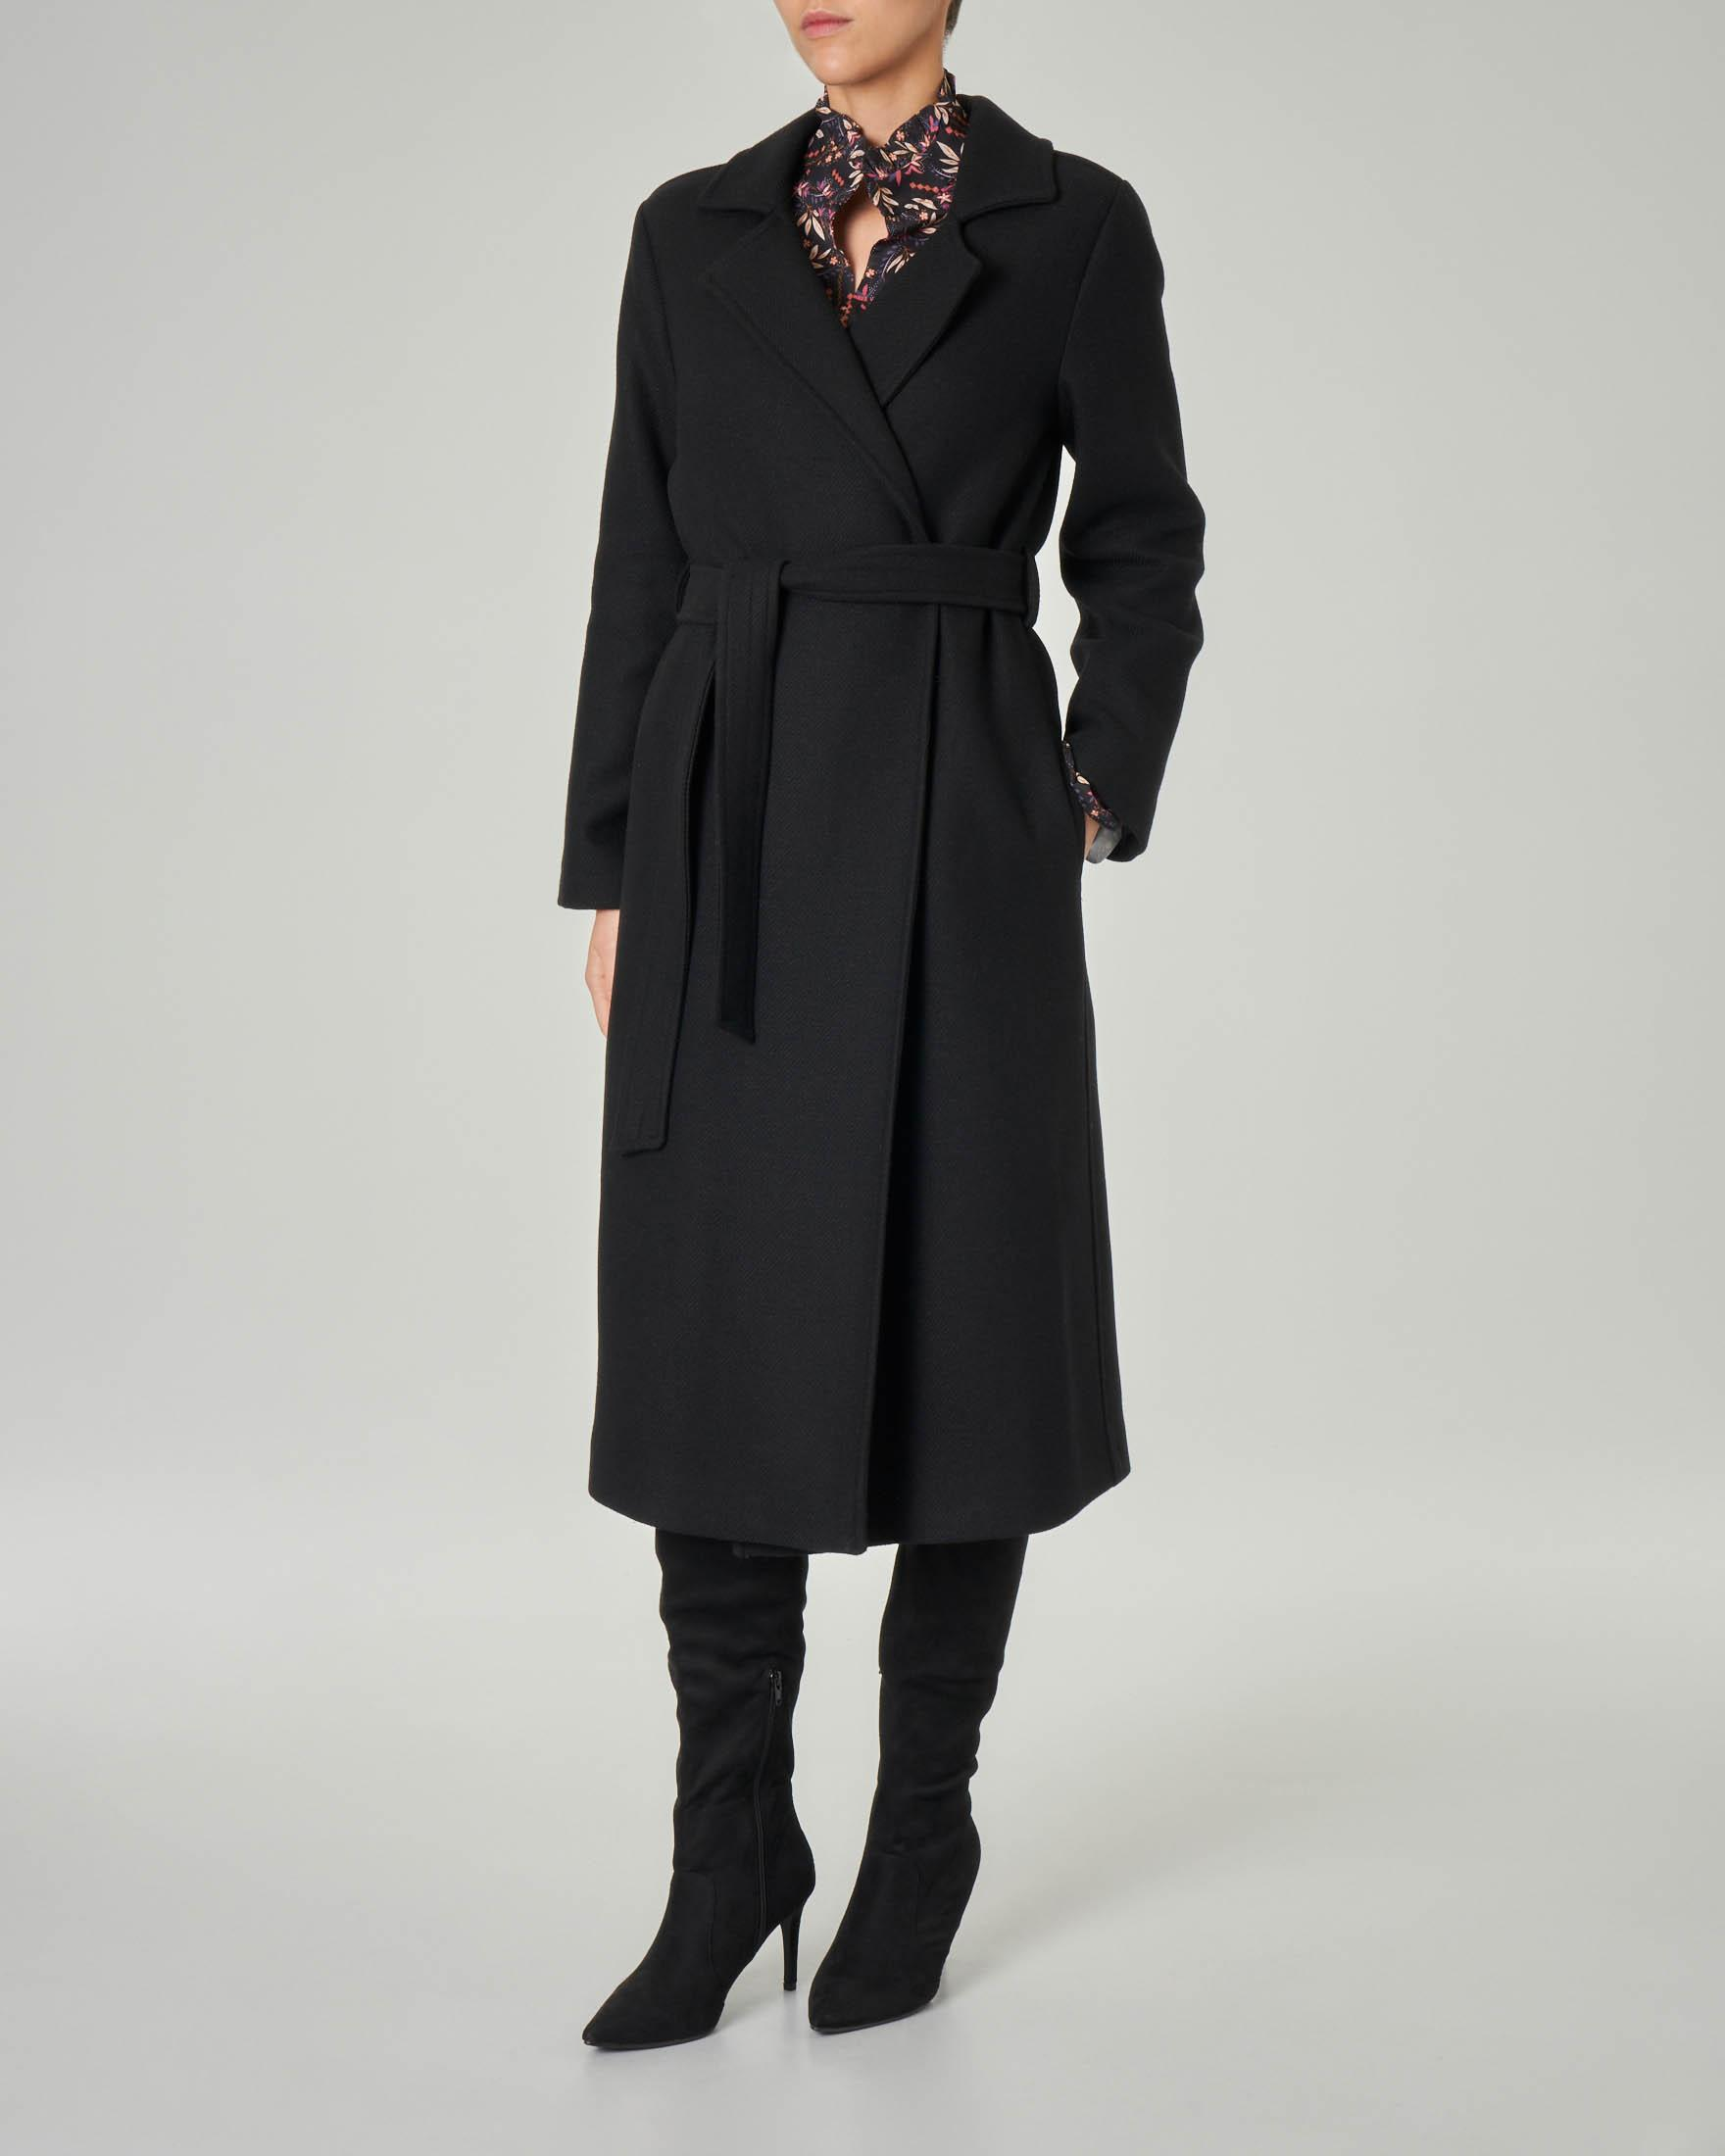 Cappotto nero a vestaglia in misto lana con collo a rever